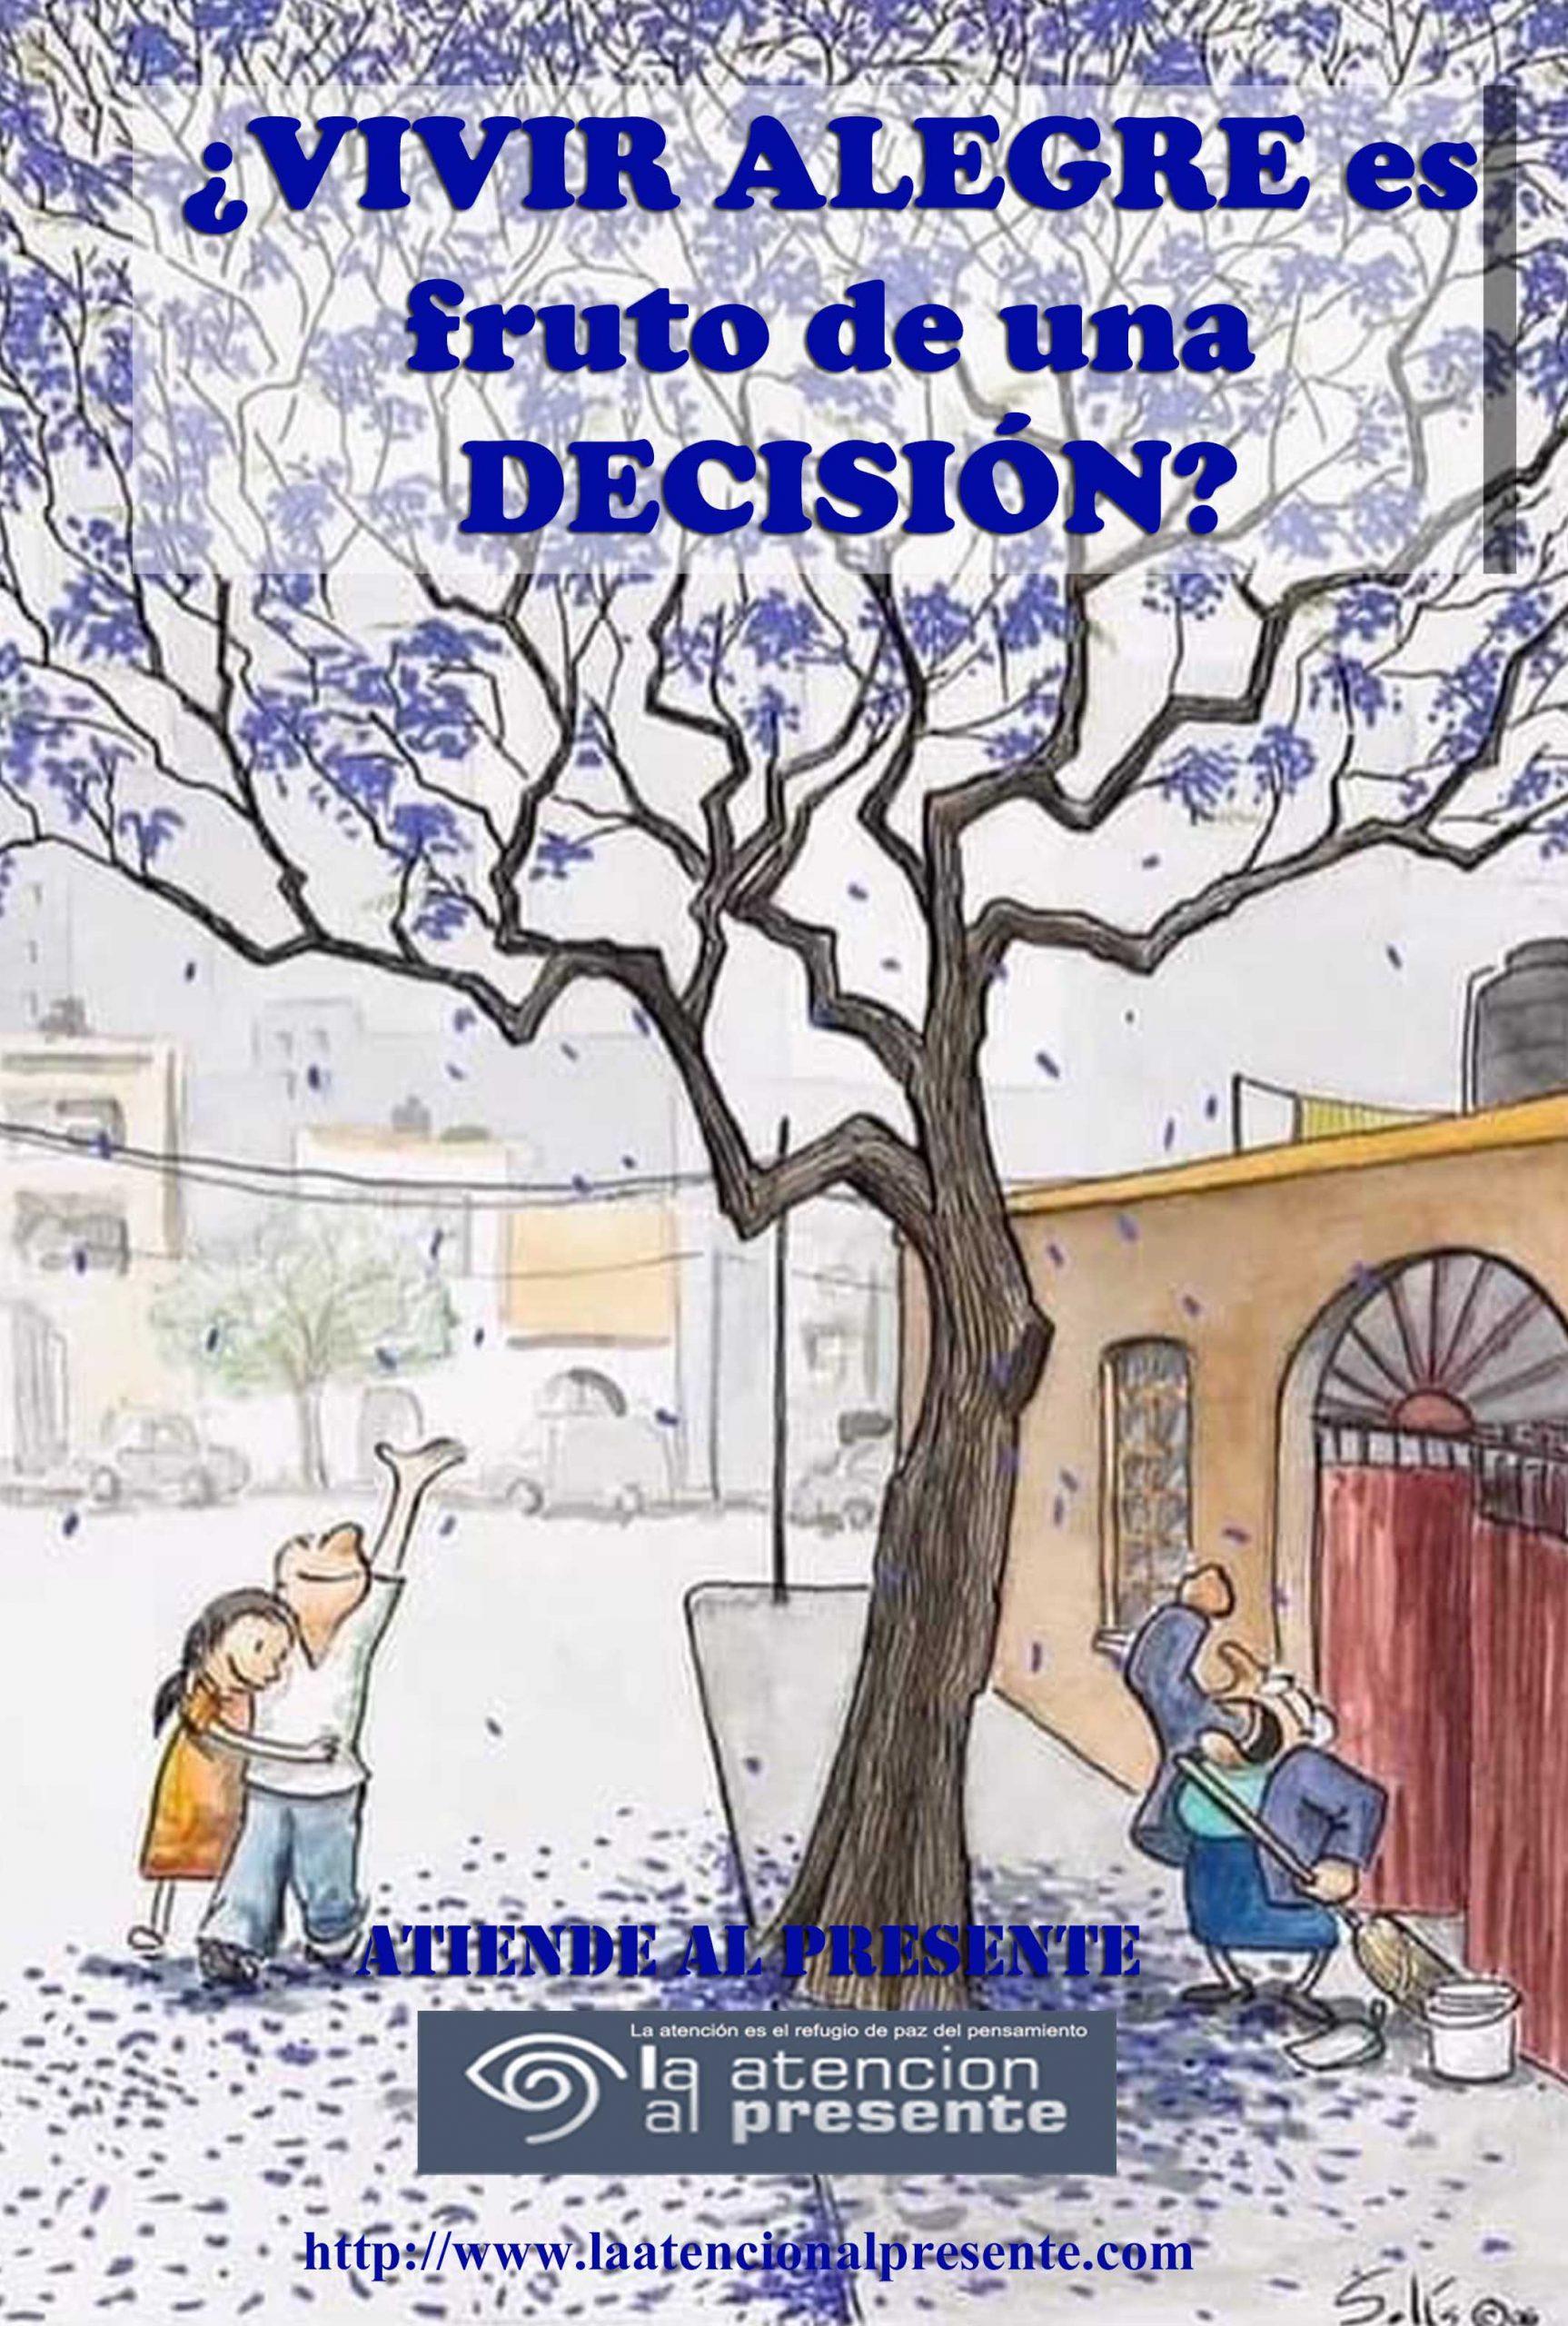 28 de Octubre Esteban VIVIR ALEGRE es fruto de una DECISION min scaled